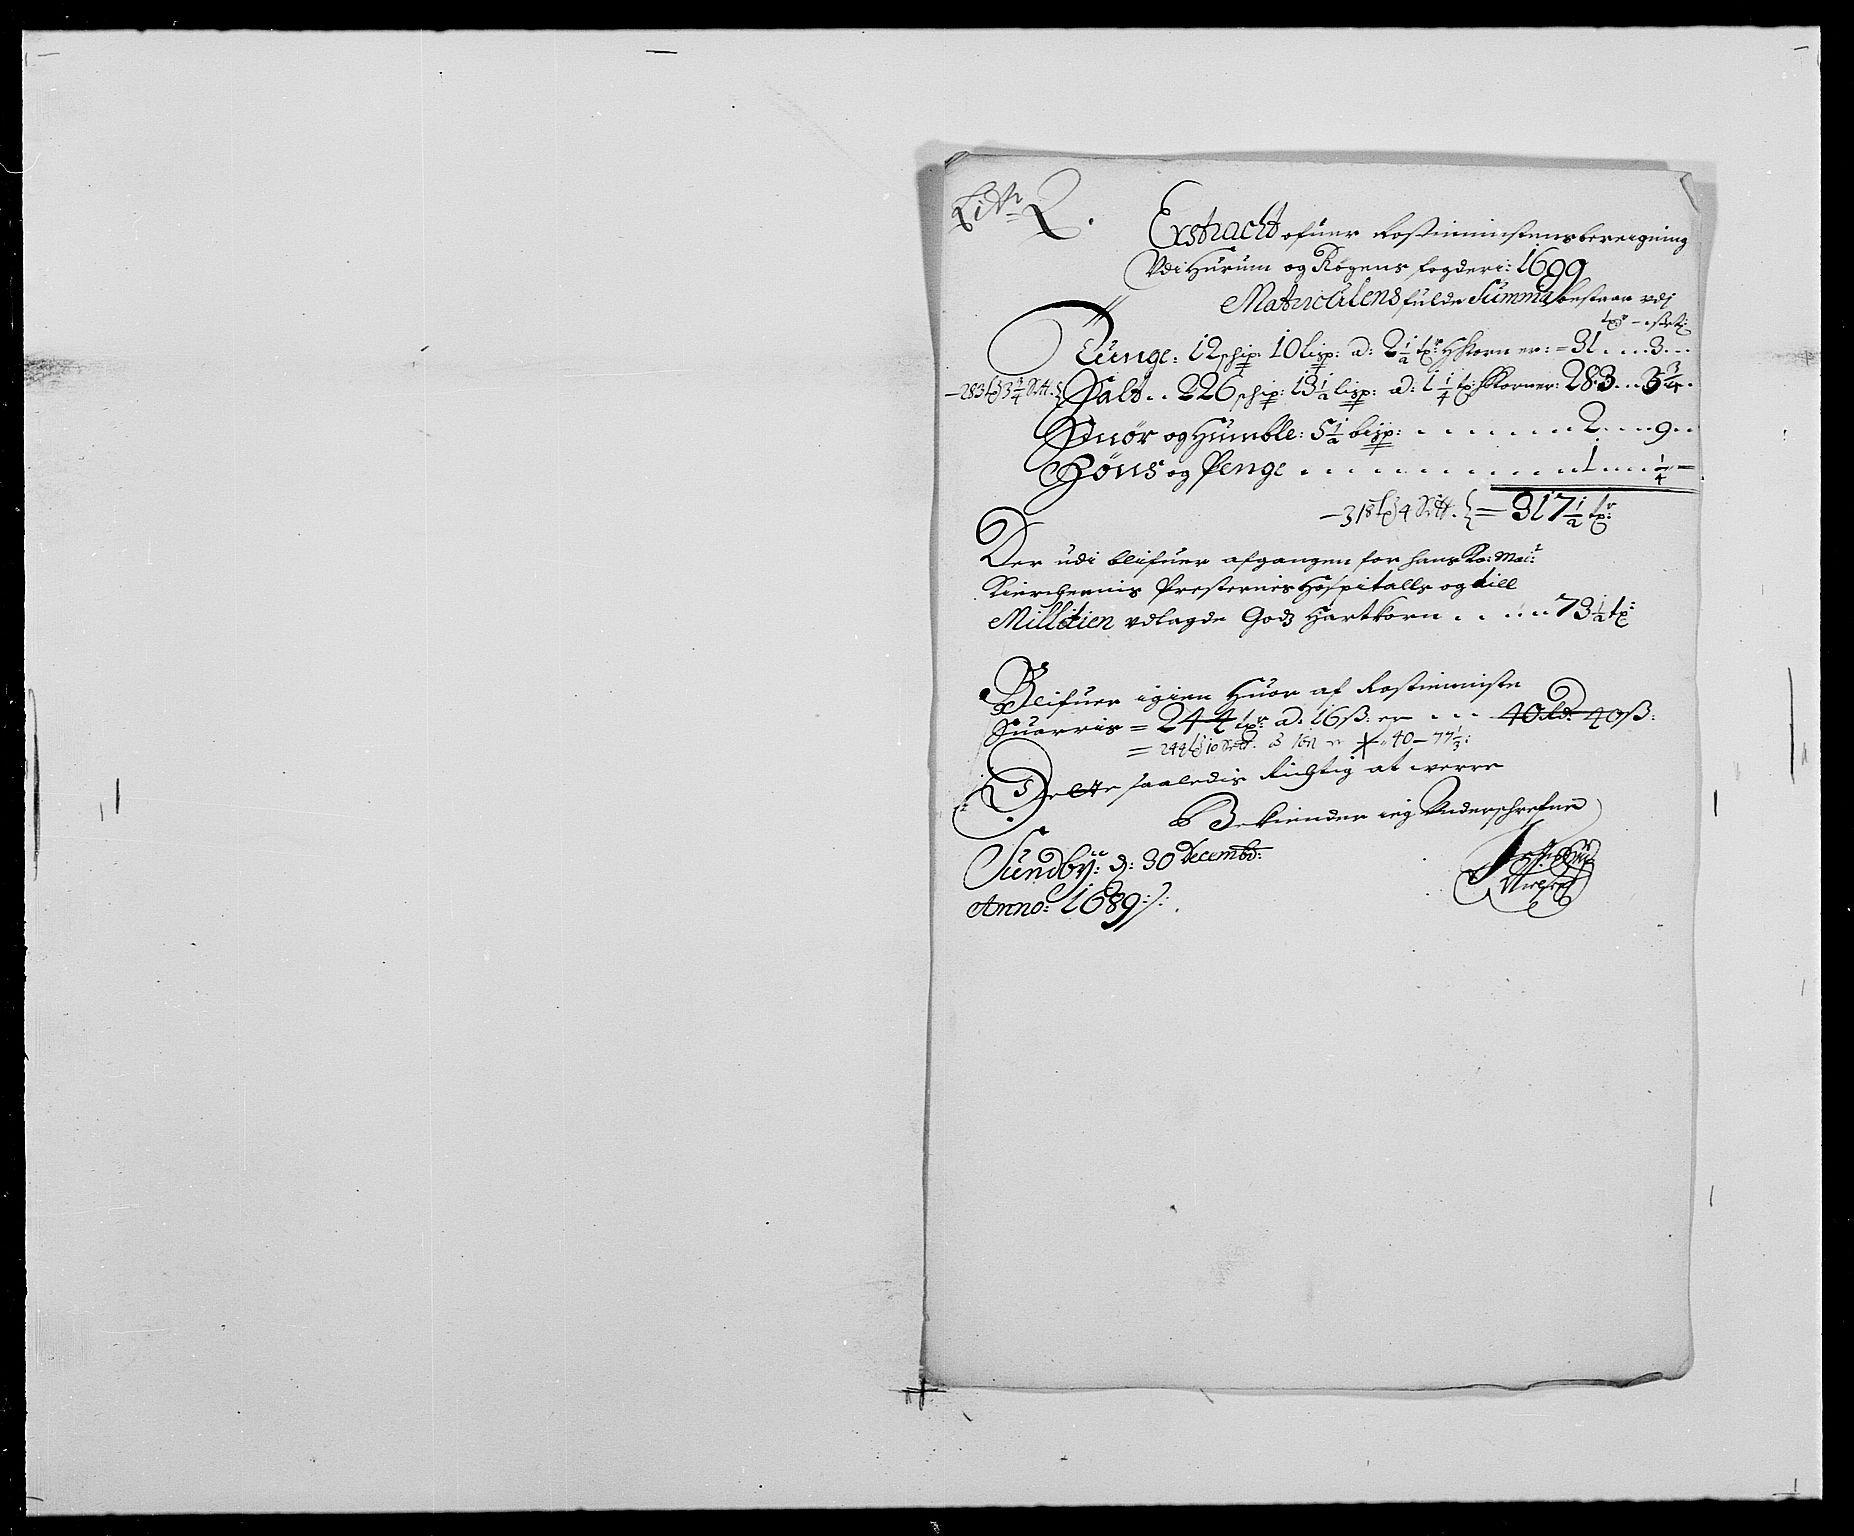 RA, Rentekammeret inntil 1814, Reviderte regnskaper, Fogderegnskap, R29/L1693: Fogderegnskap Hurum og Røyken, 1688-1693, s. 139